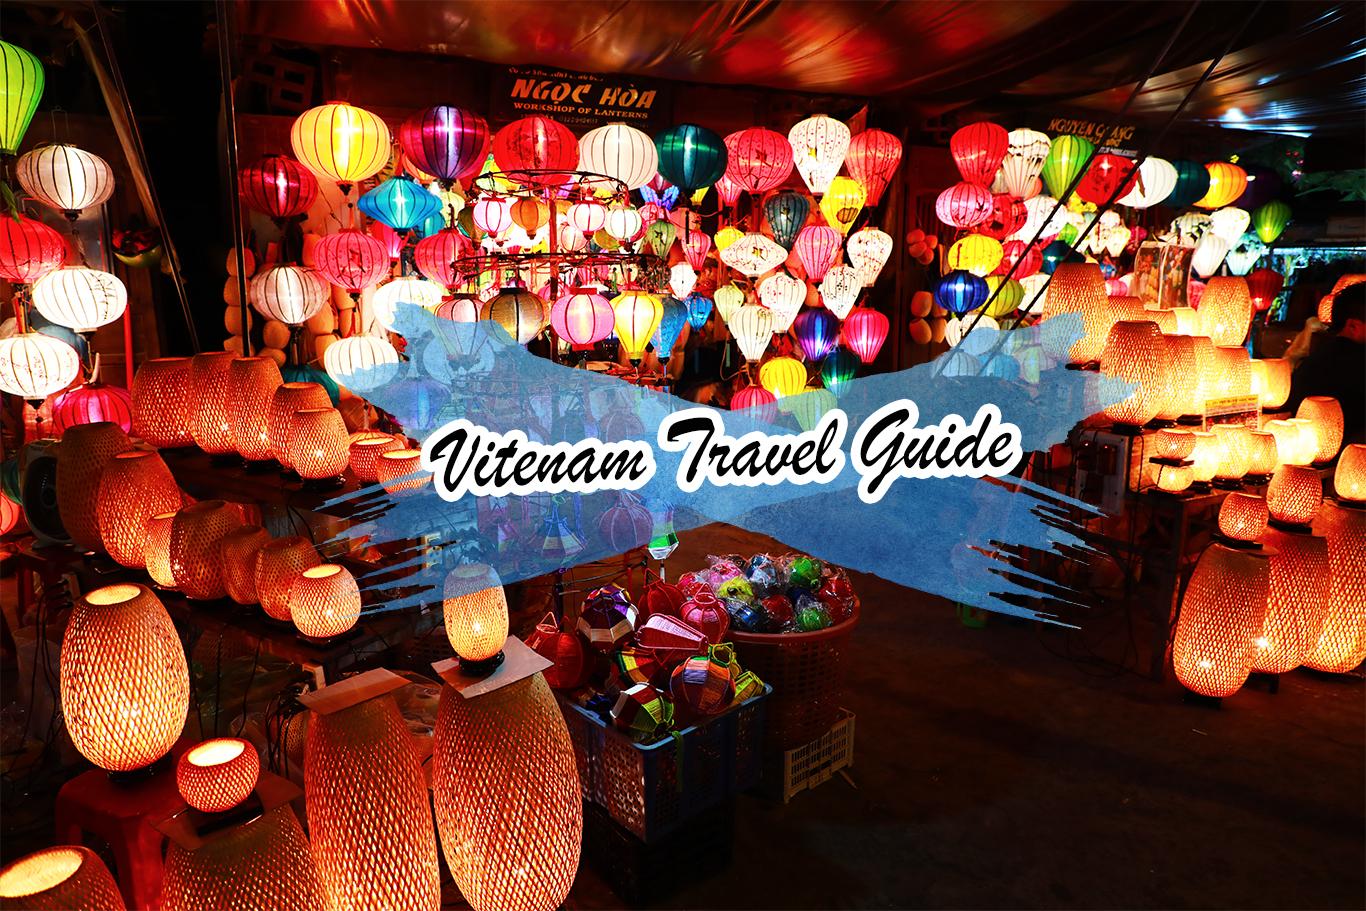 15 ข้อควรรู้ การเตรียมตัวไปเวียดนาม Vietnam Travel Guides